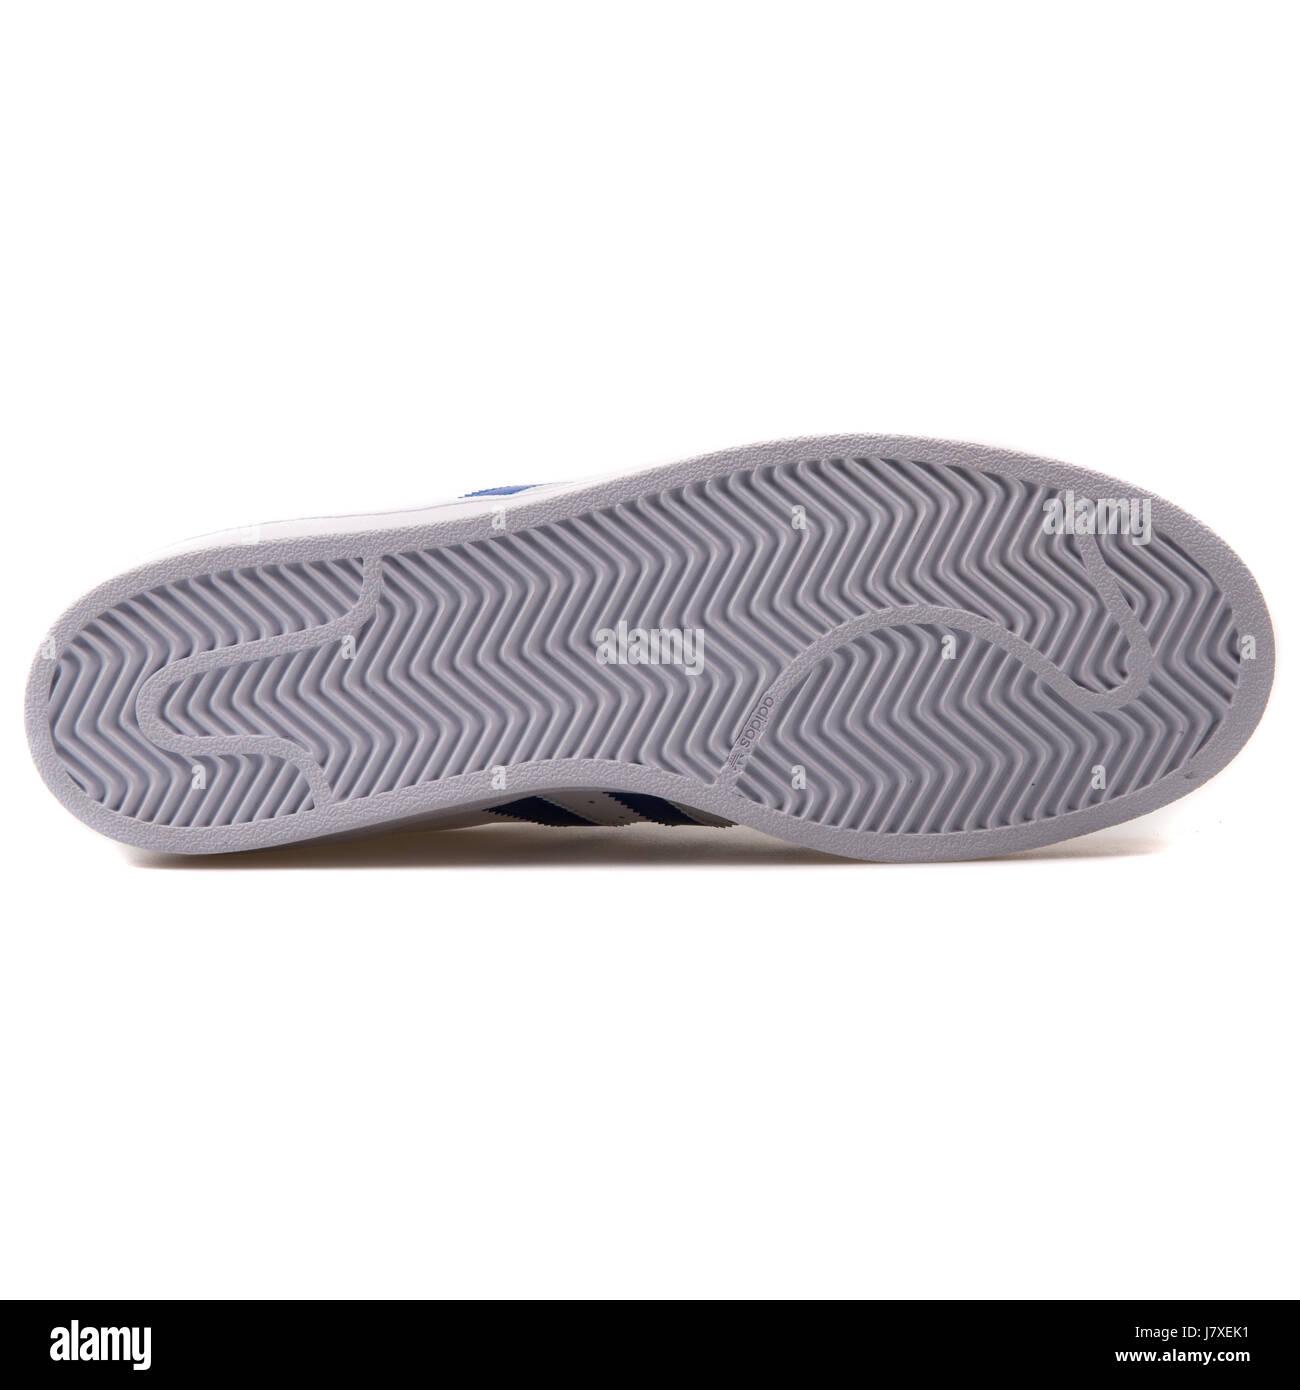 Suchergebnis auf für: adidas Superstar Grau